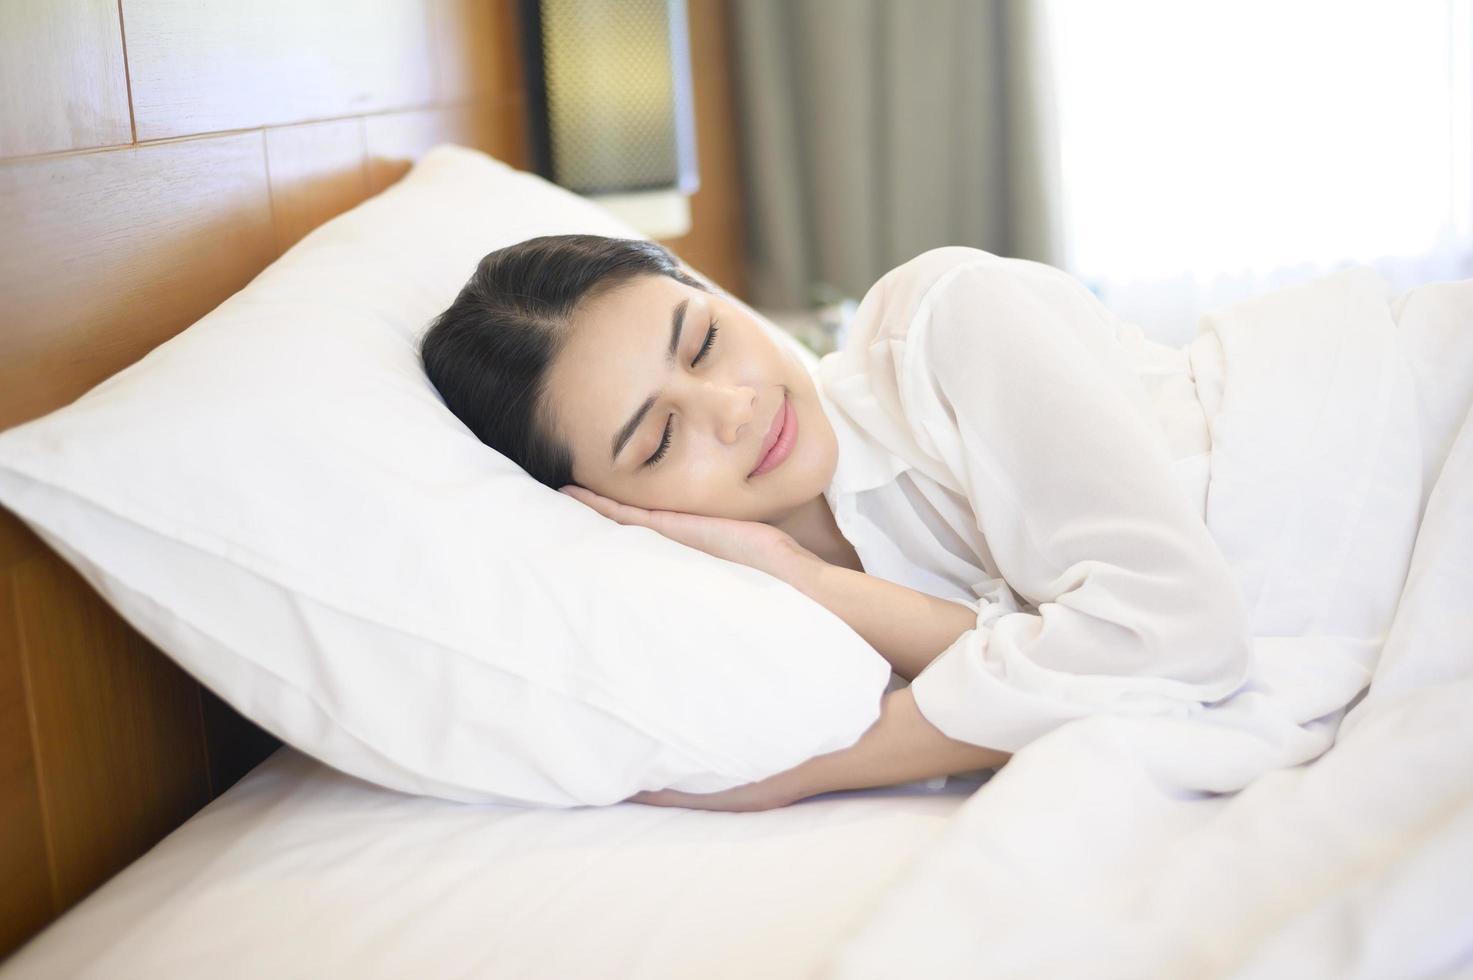 belle jeune femme endormie dans son lit photo